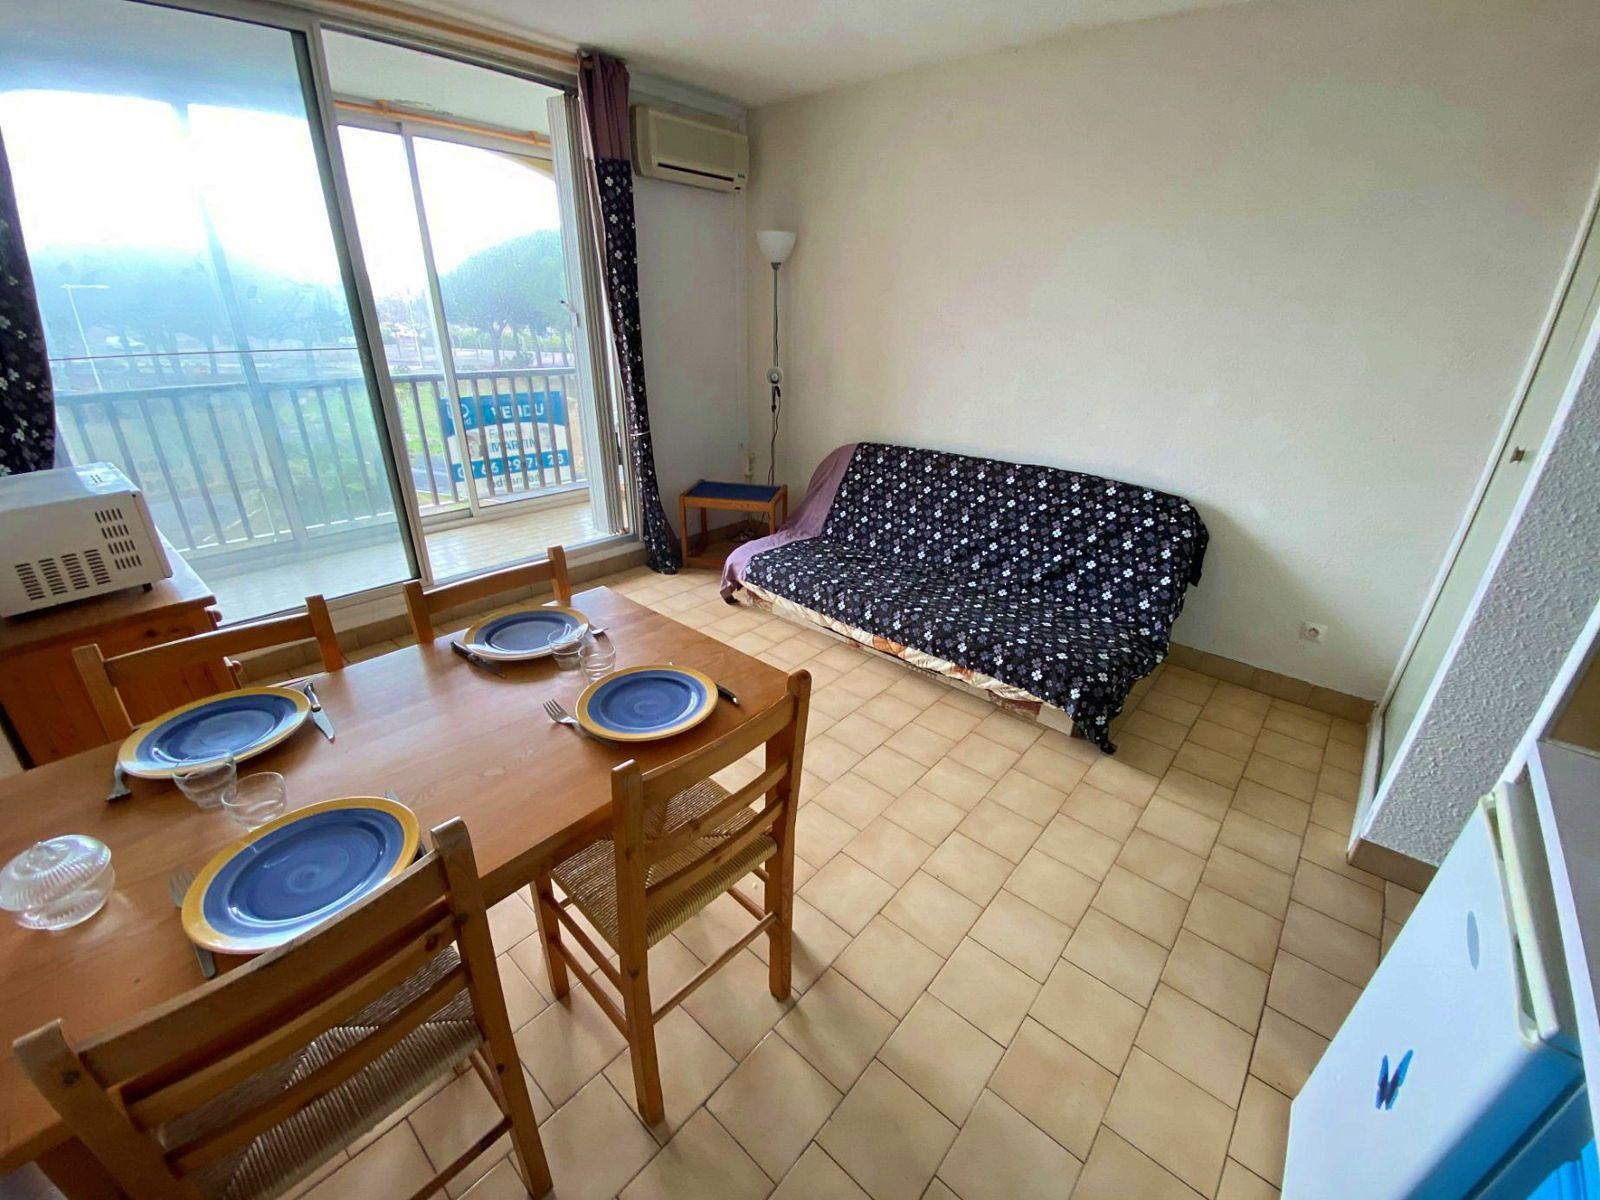 Vends Appartement 1pièce 20m² 34300Cap d'Agde